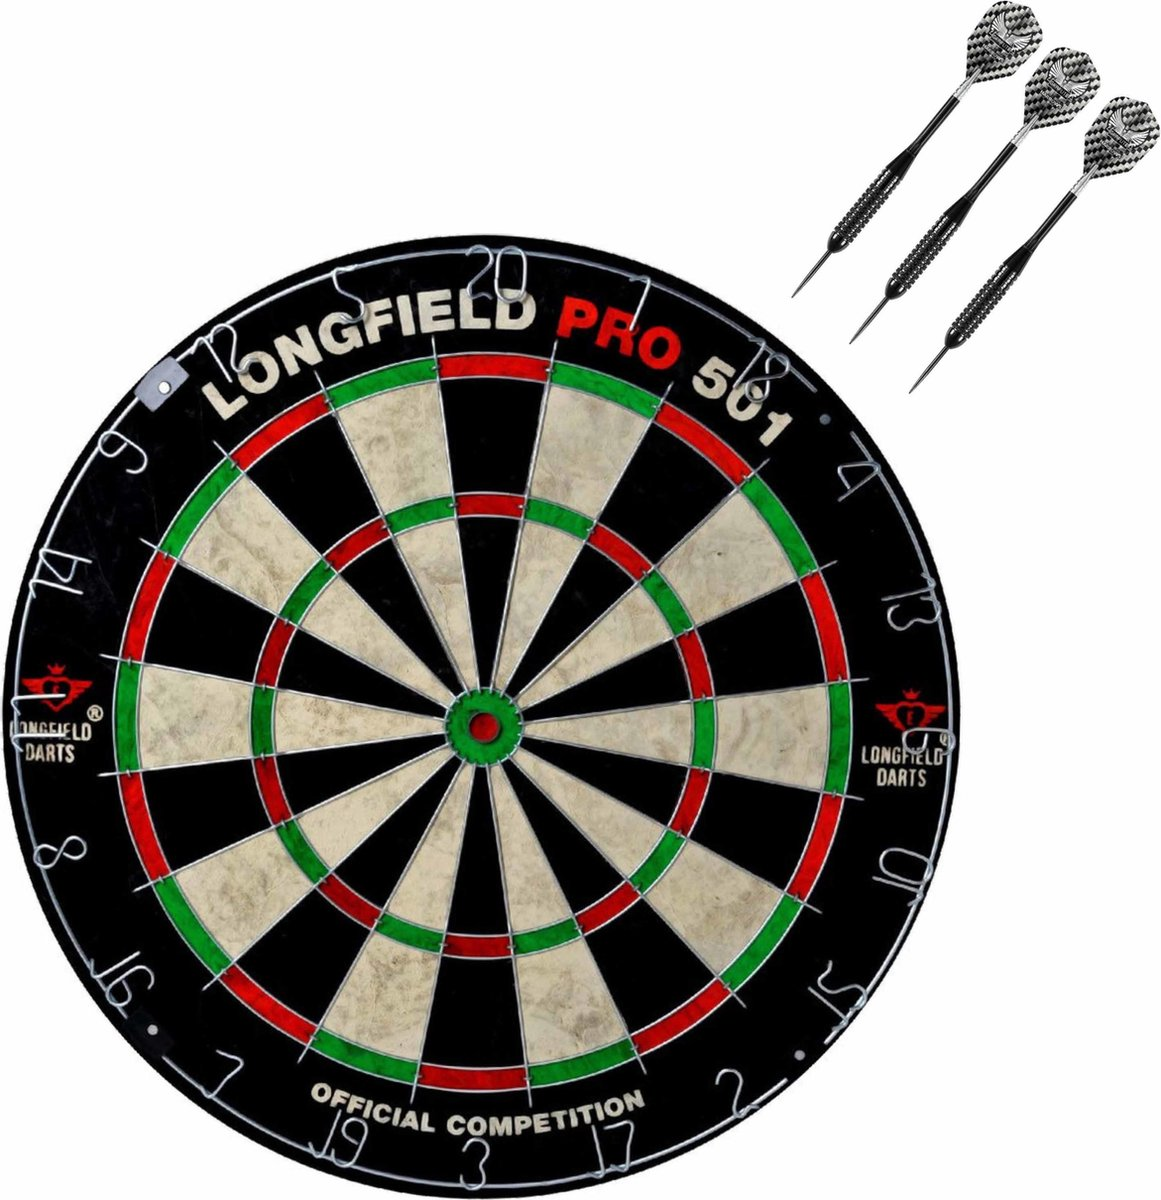 Dartbord set compleet van diameter 45.5 cm met 3x Black Arrow dartpijlen van 25 gram - Sporten darts